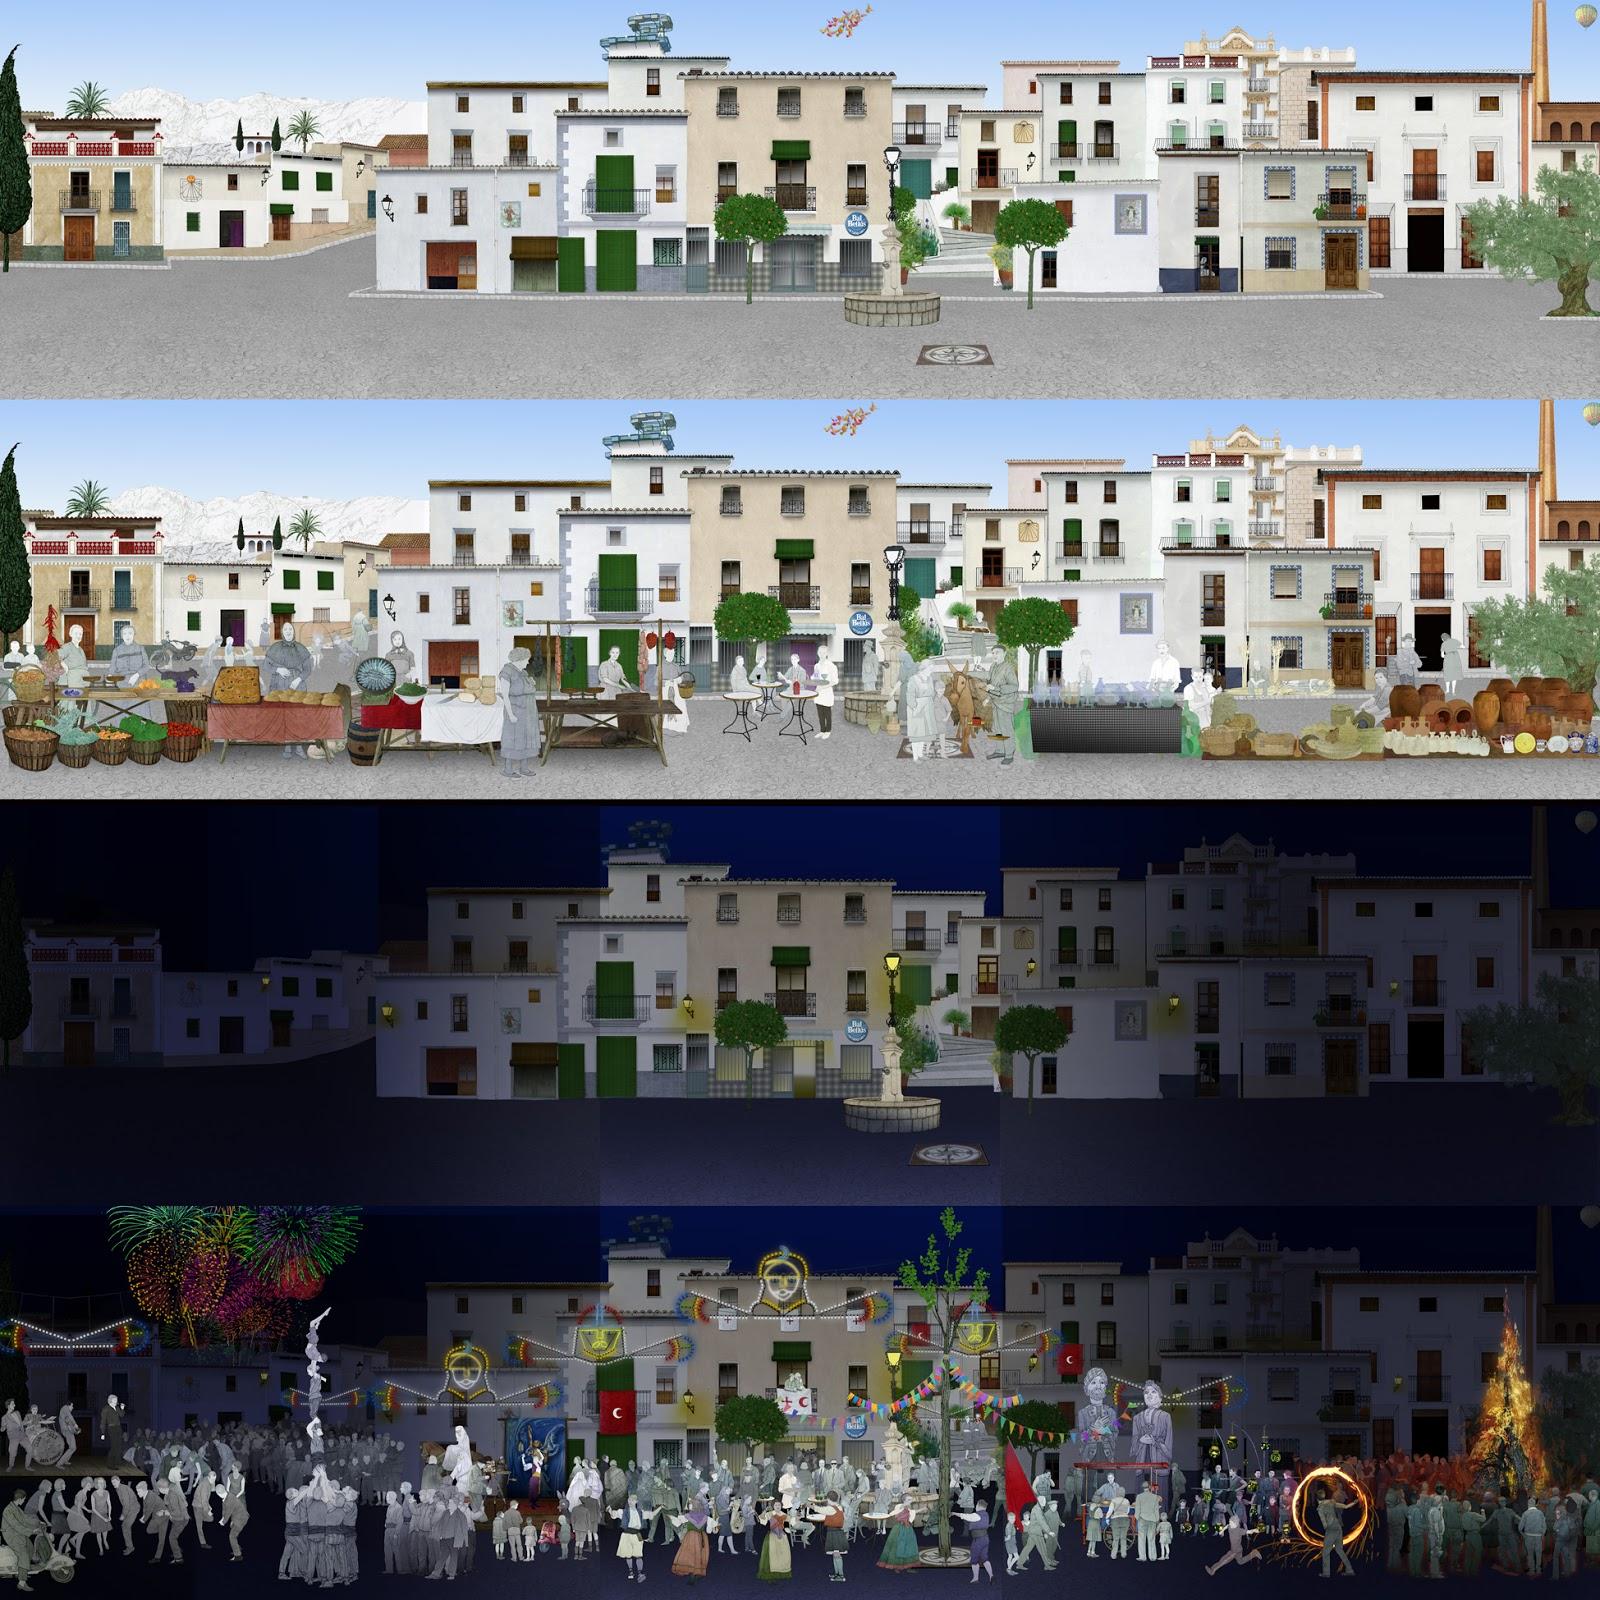 Calle, mercado, fiestas, ciclos, Vall de Albaida, dibujo